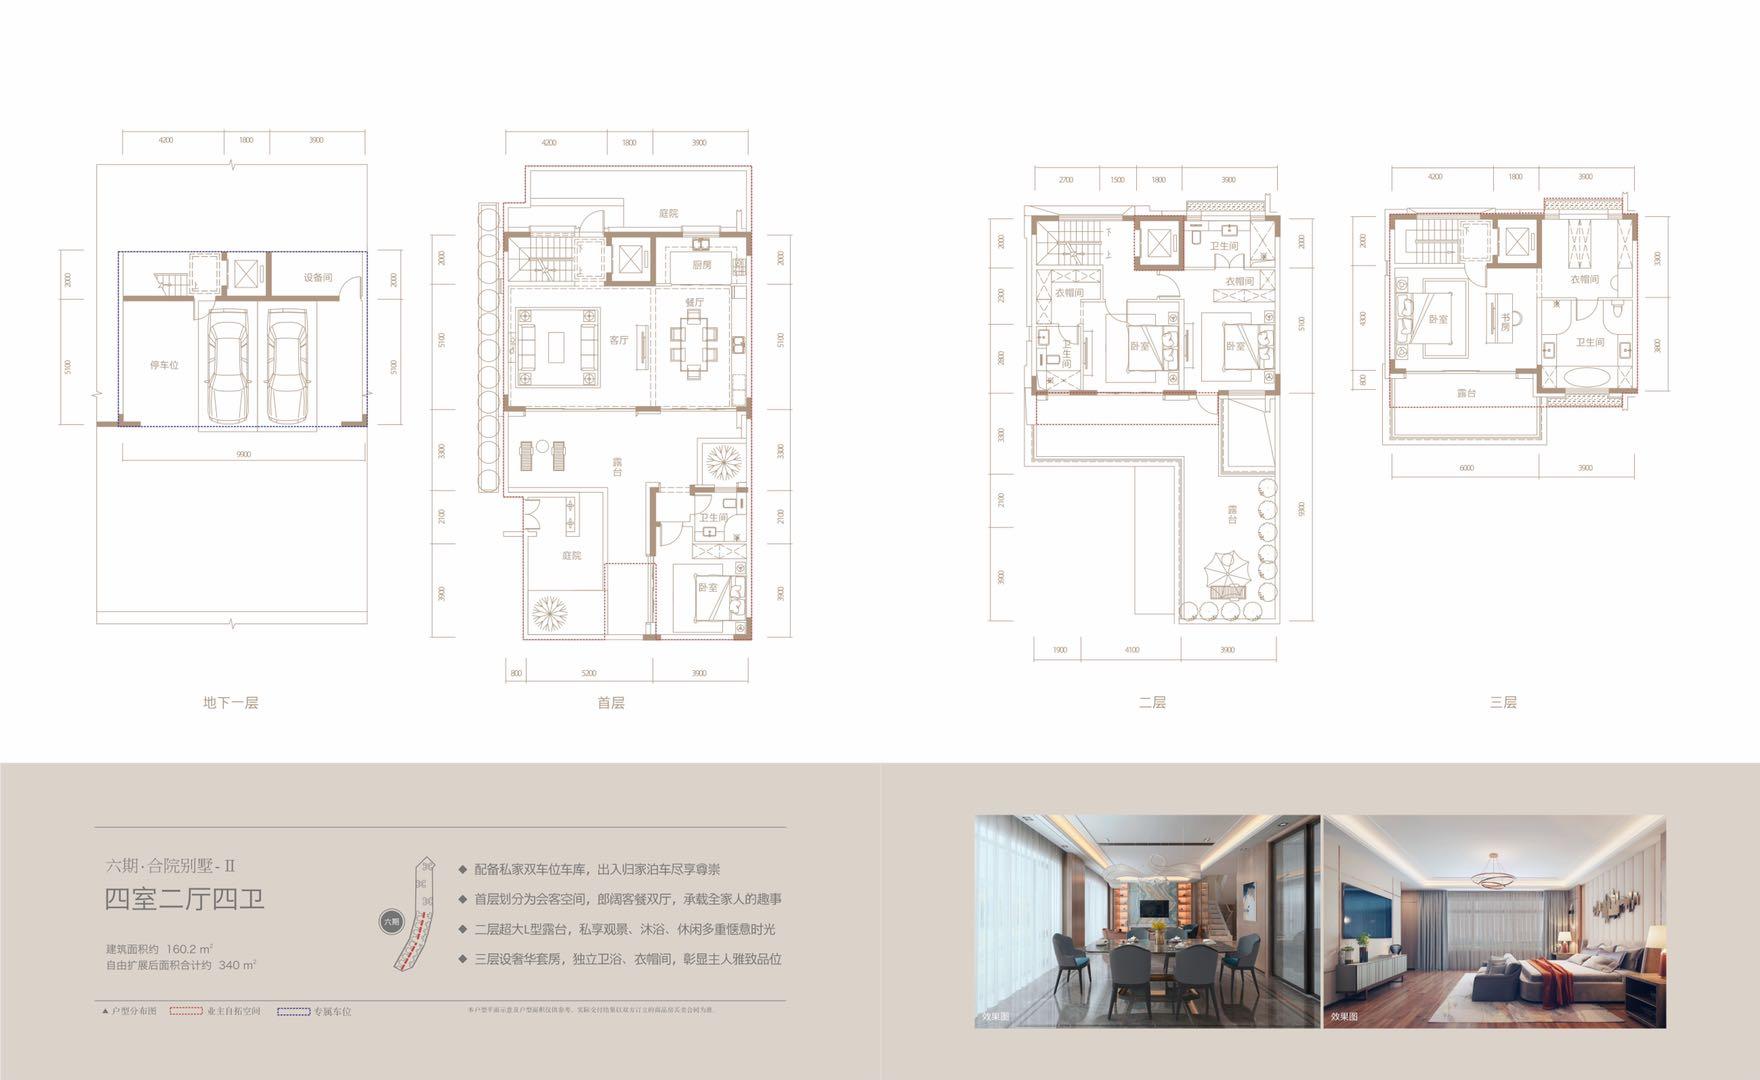 合院别墅-II户型 4室2厅4卫1厨 建面160.20㎡